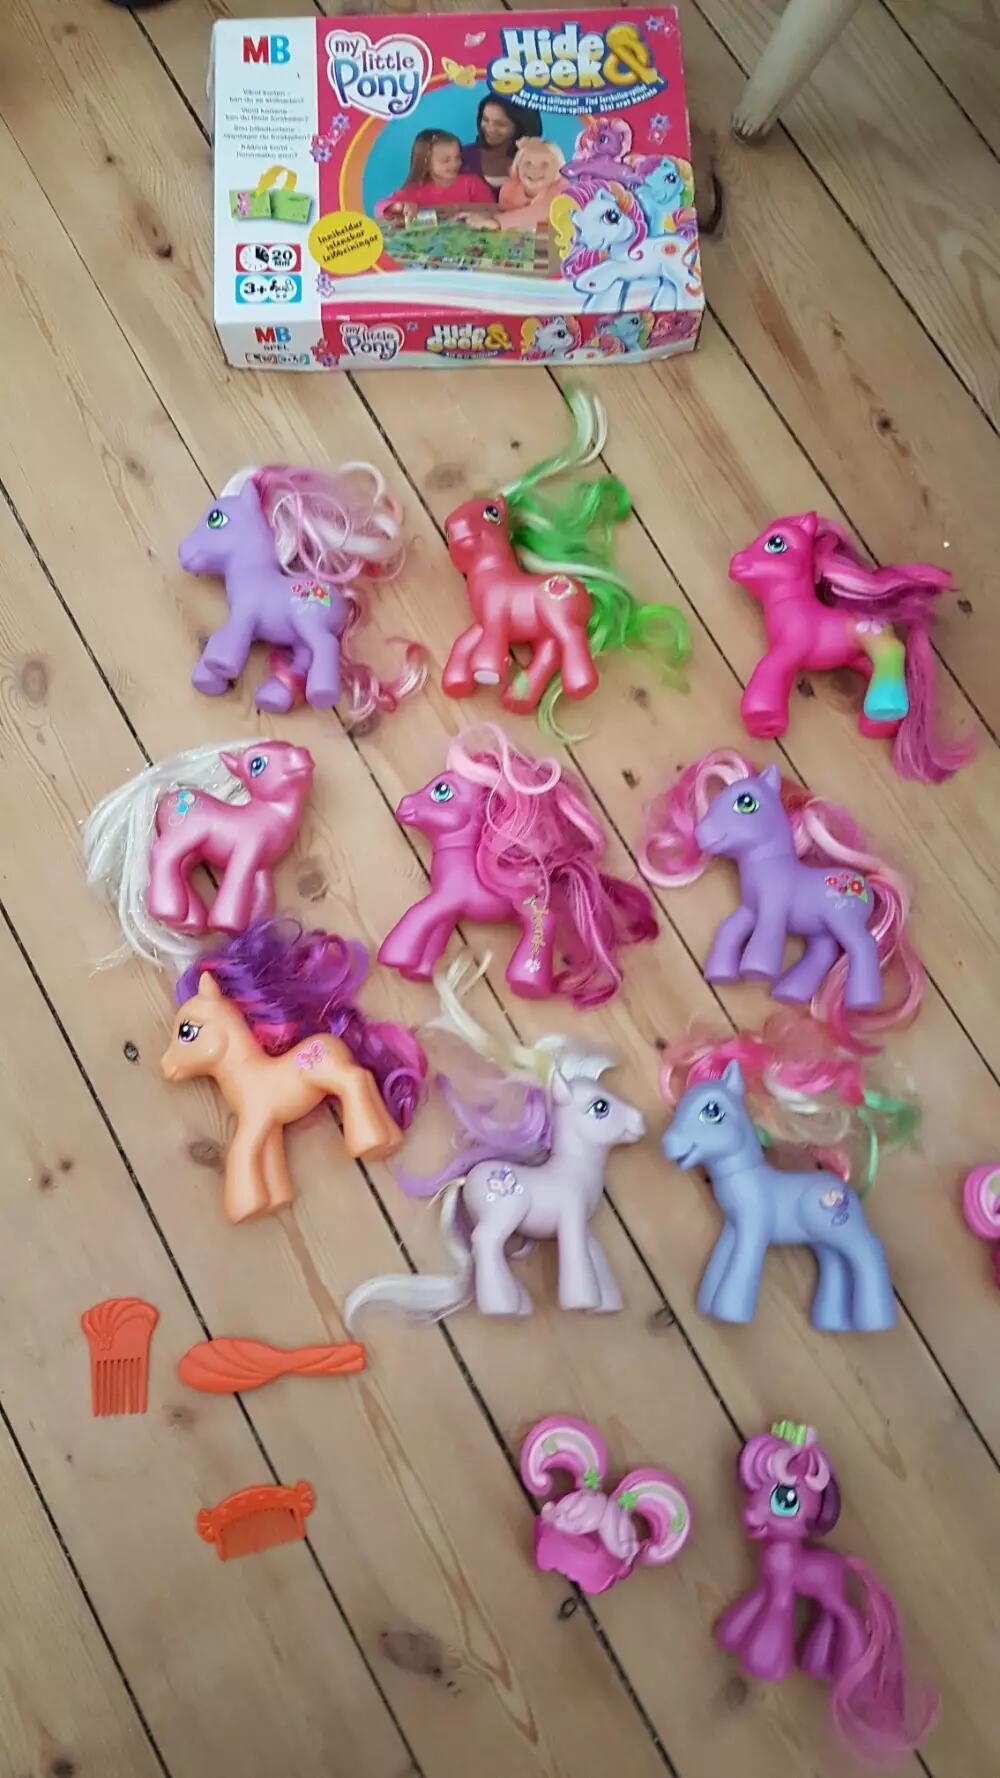 My Little Pony Heste